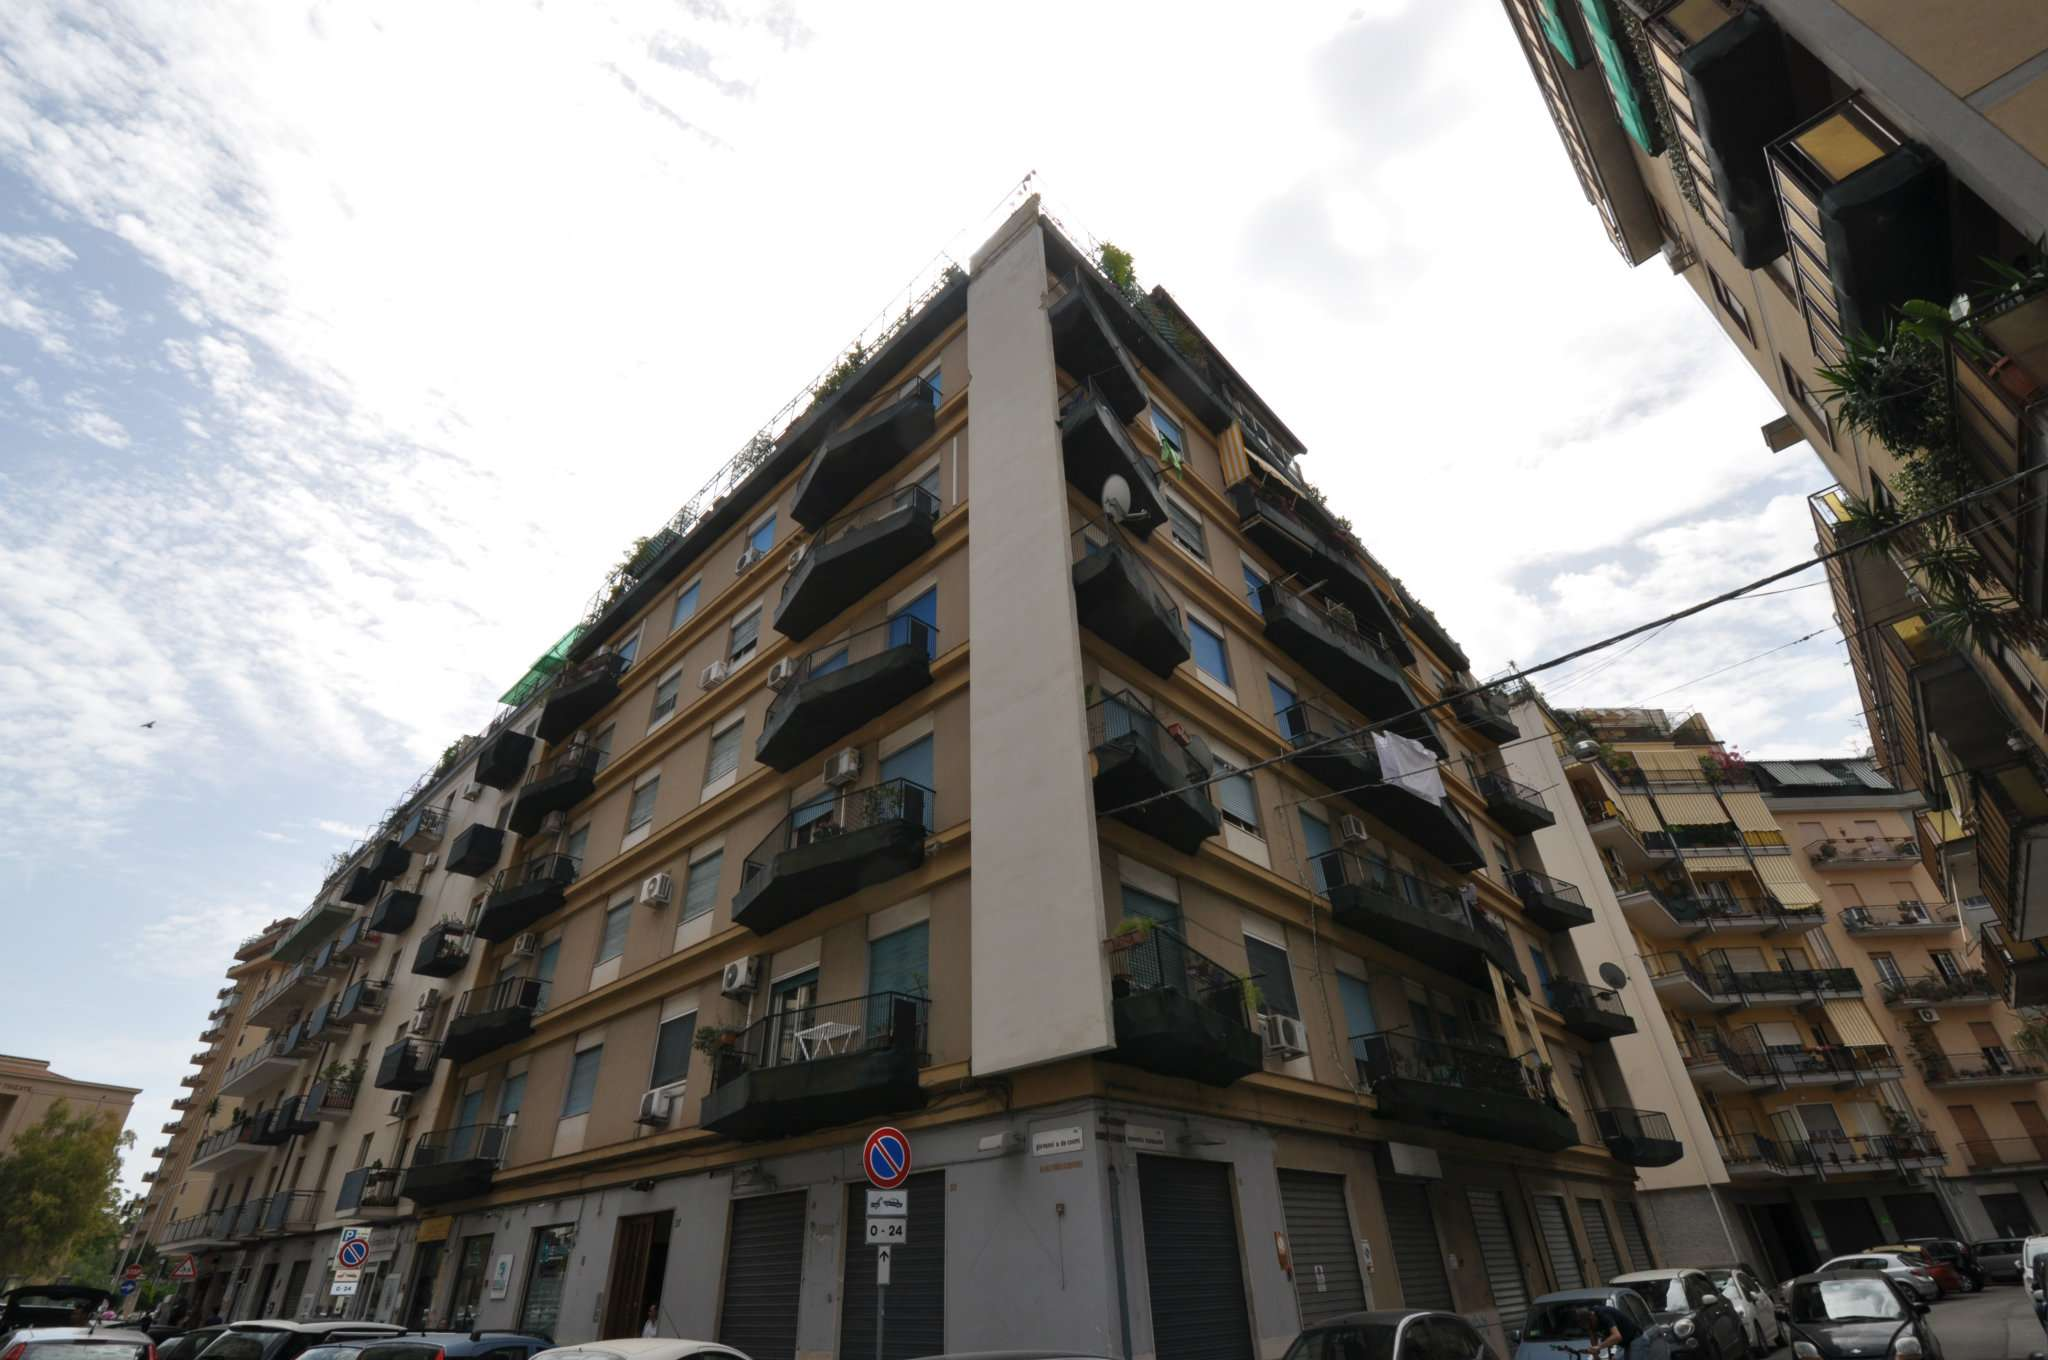 Appartamento in Vendita a Palermo:  4 locali, 100 mq  - Foto 1